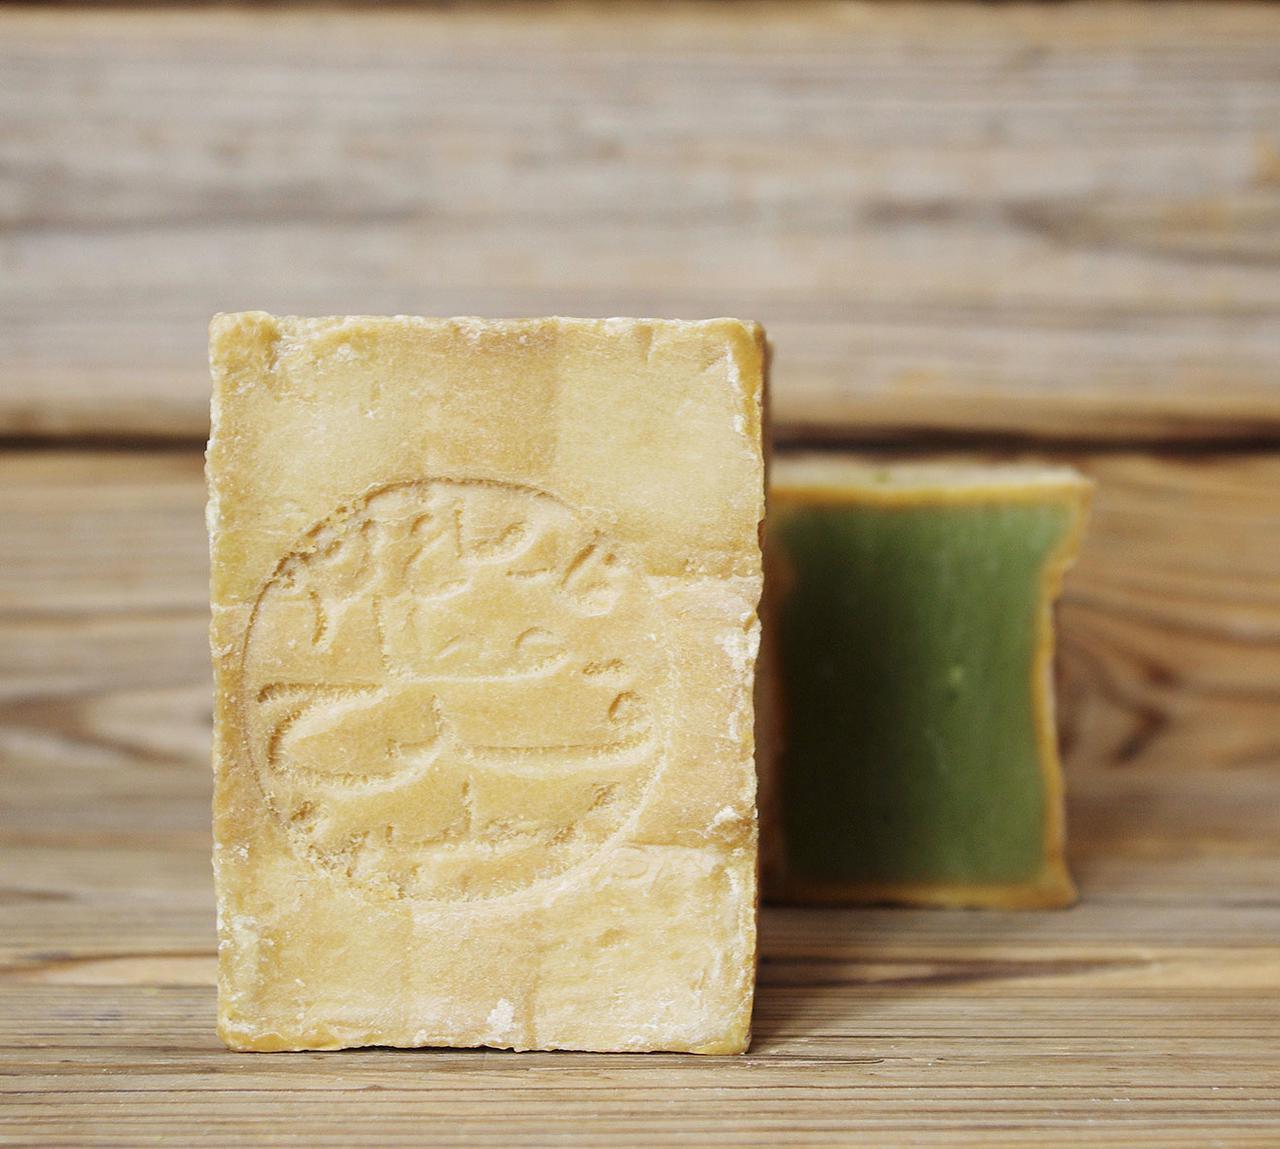 Уценка - Традиционное алеппское мыло Kadah, 5% лавра, 200g., Турция